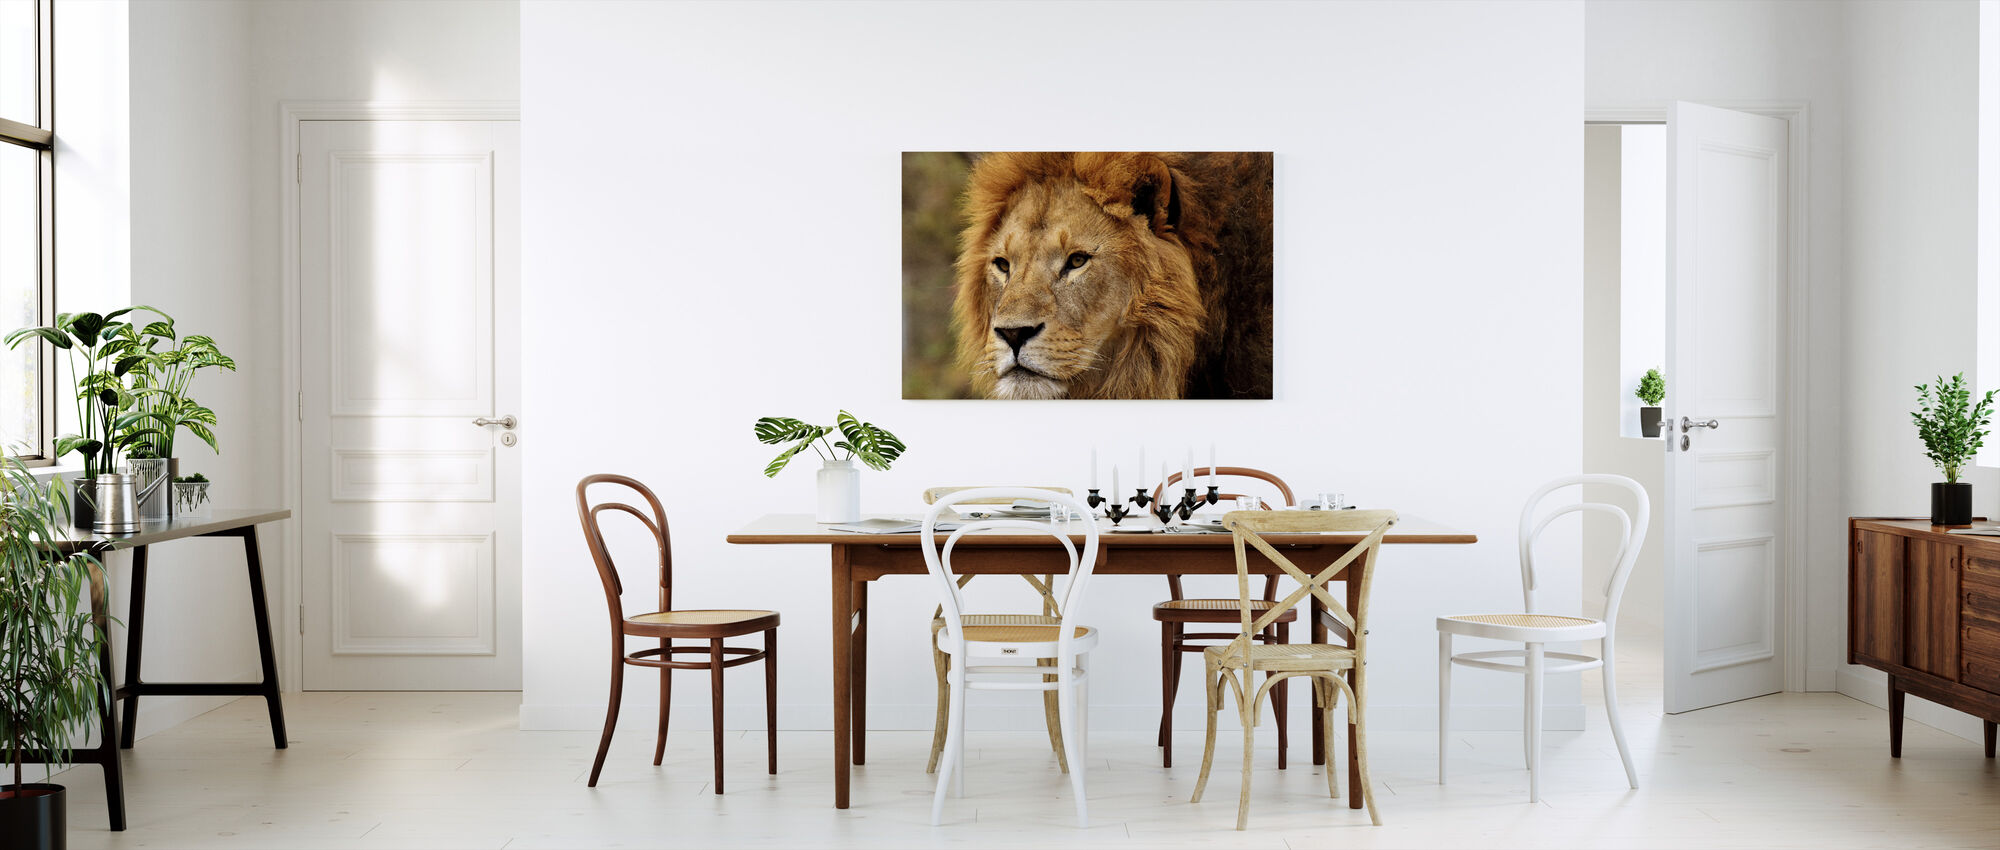 Leeuw staren - Canvas print - Keuken